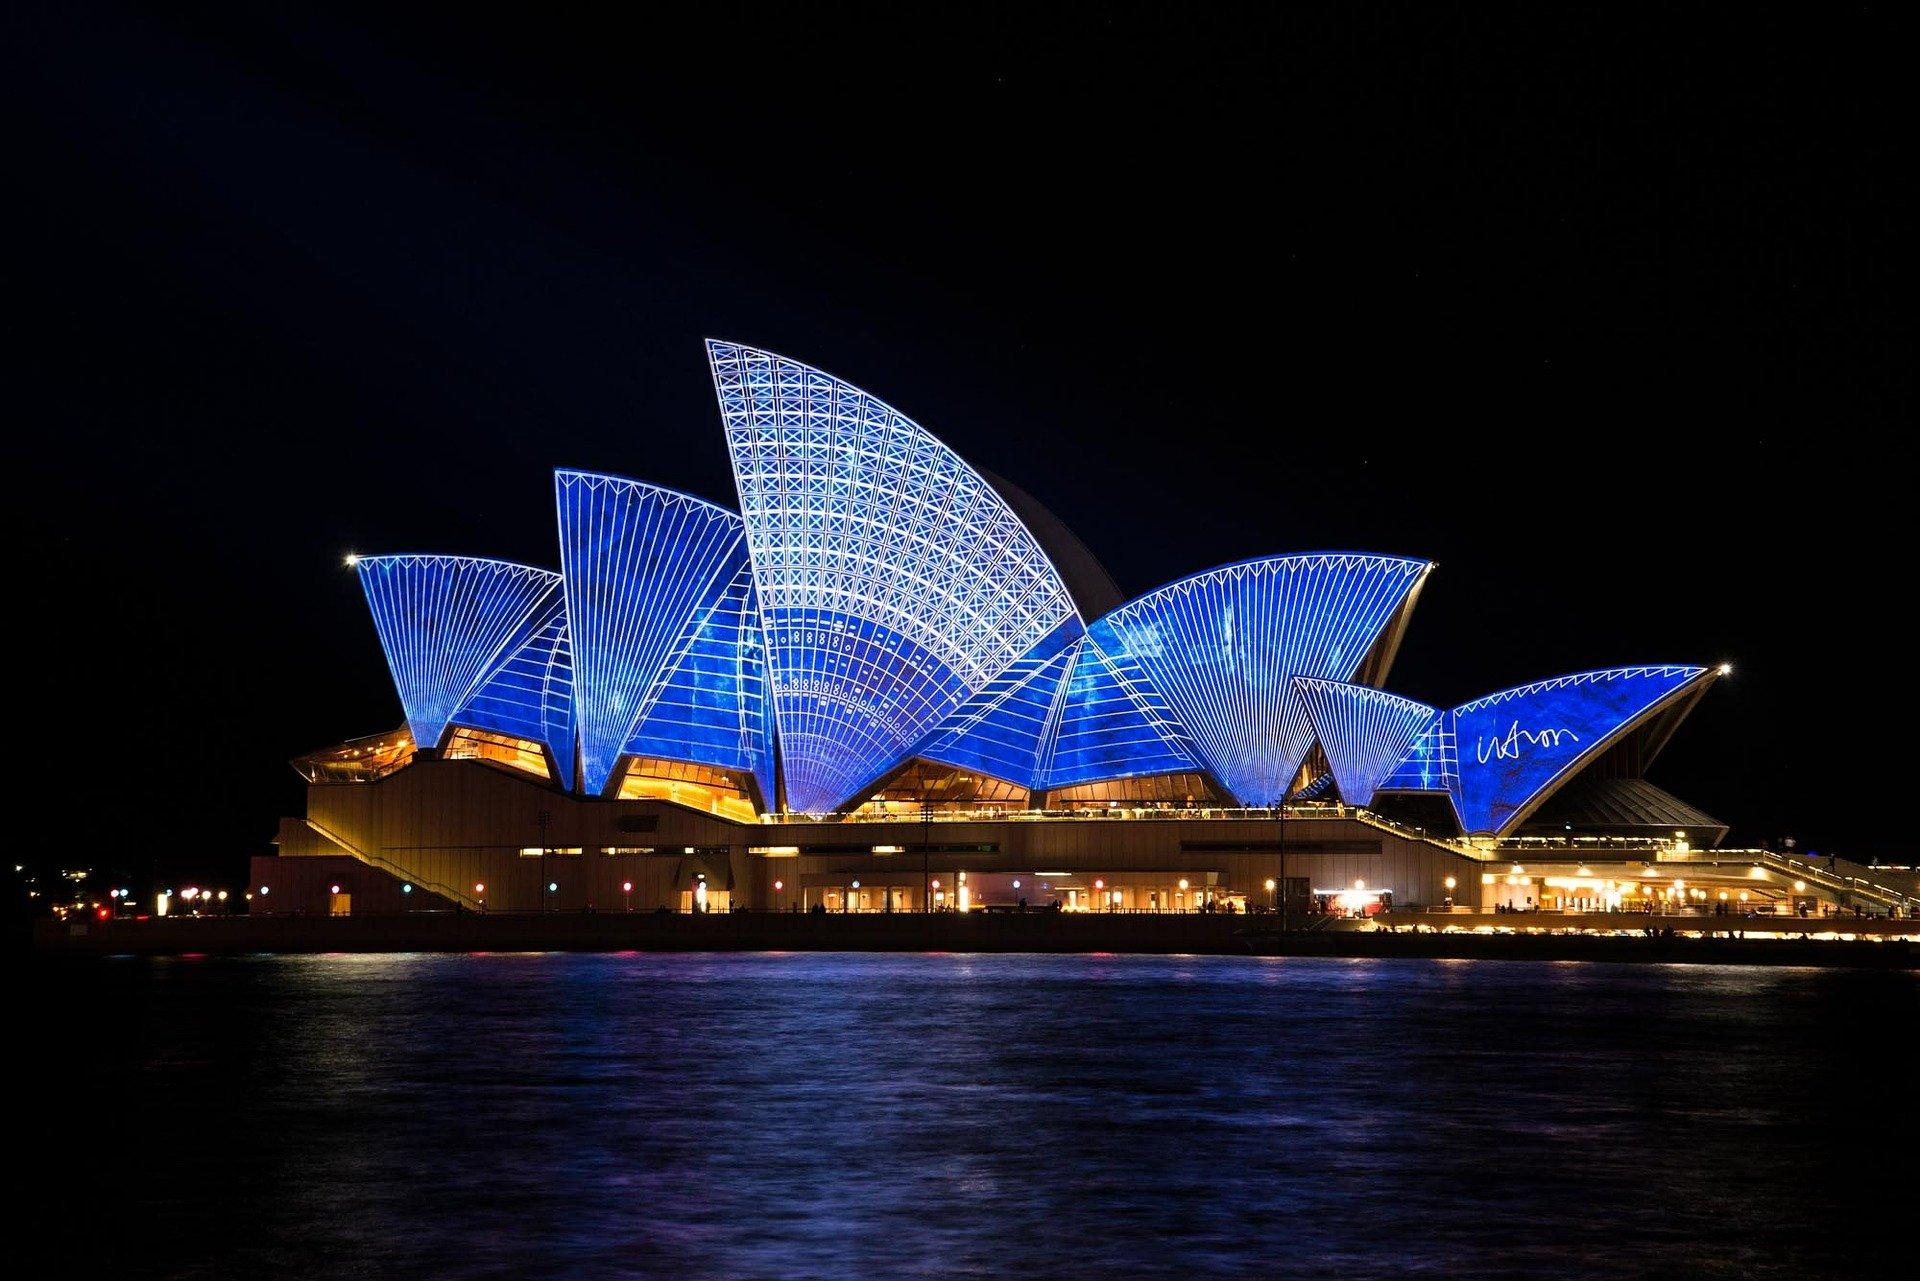 טיול מאורגן לאוסטרליה